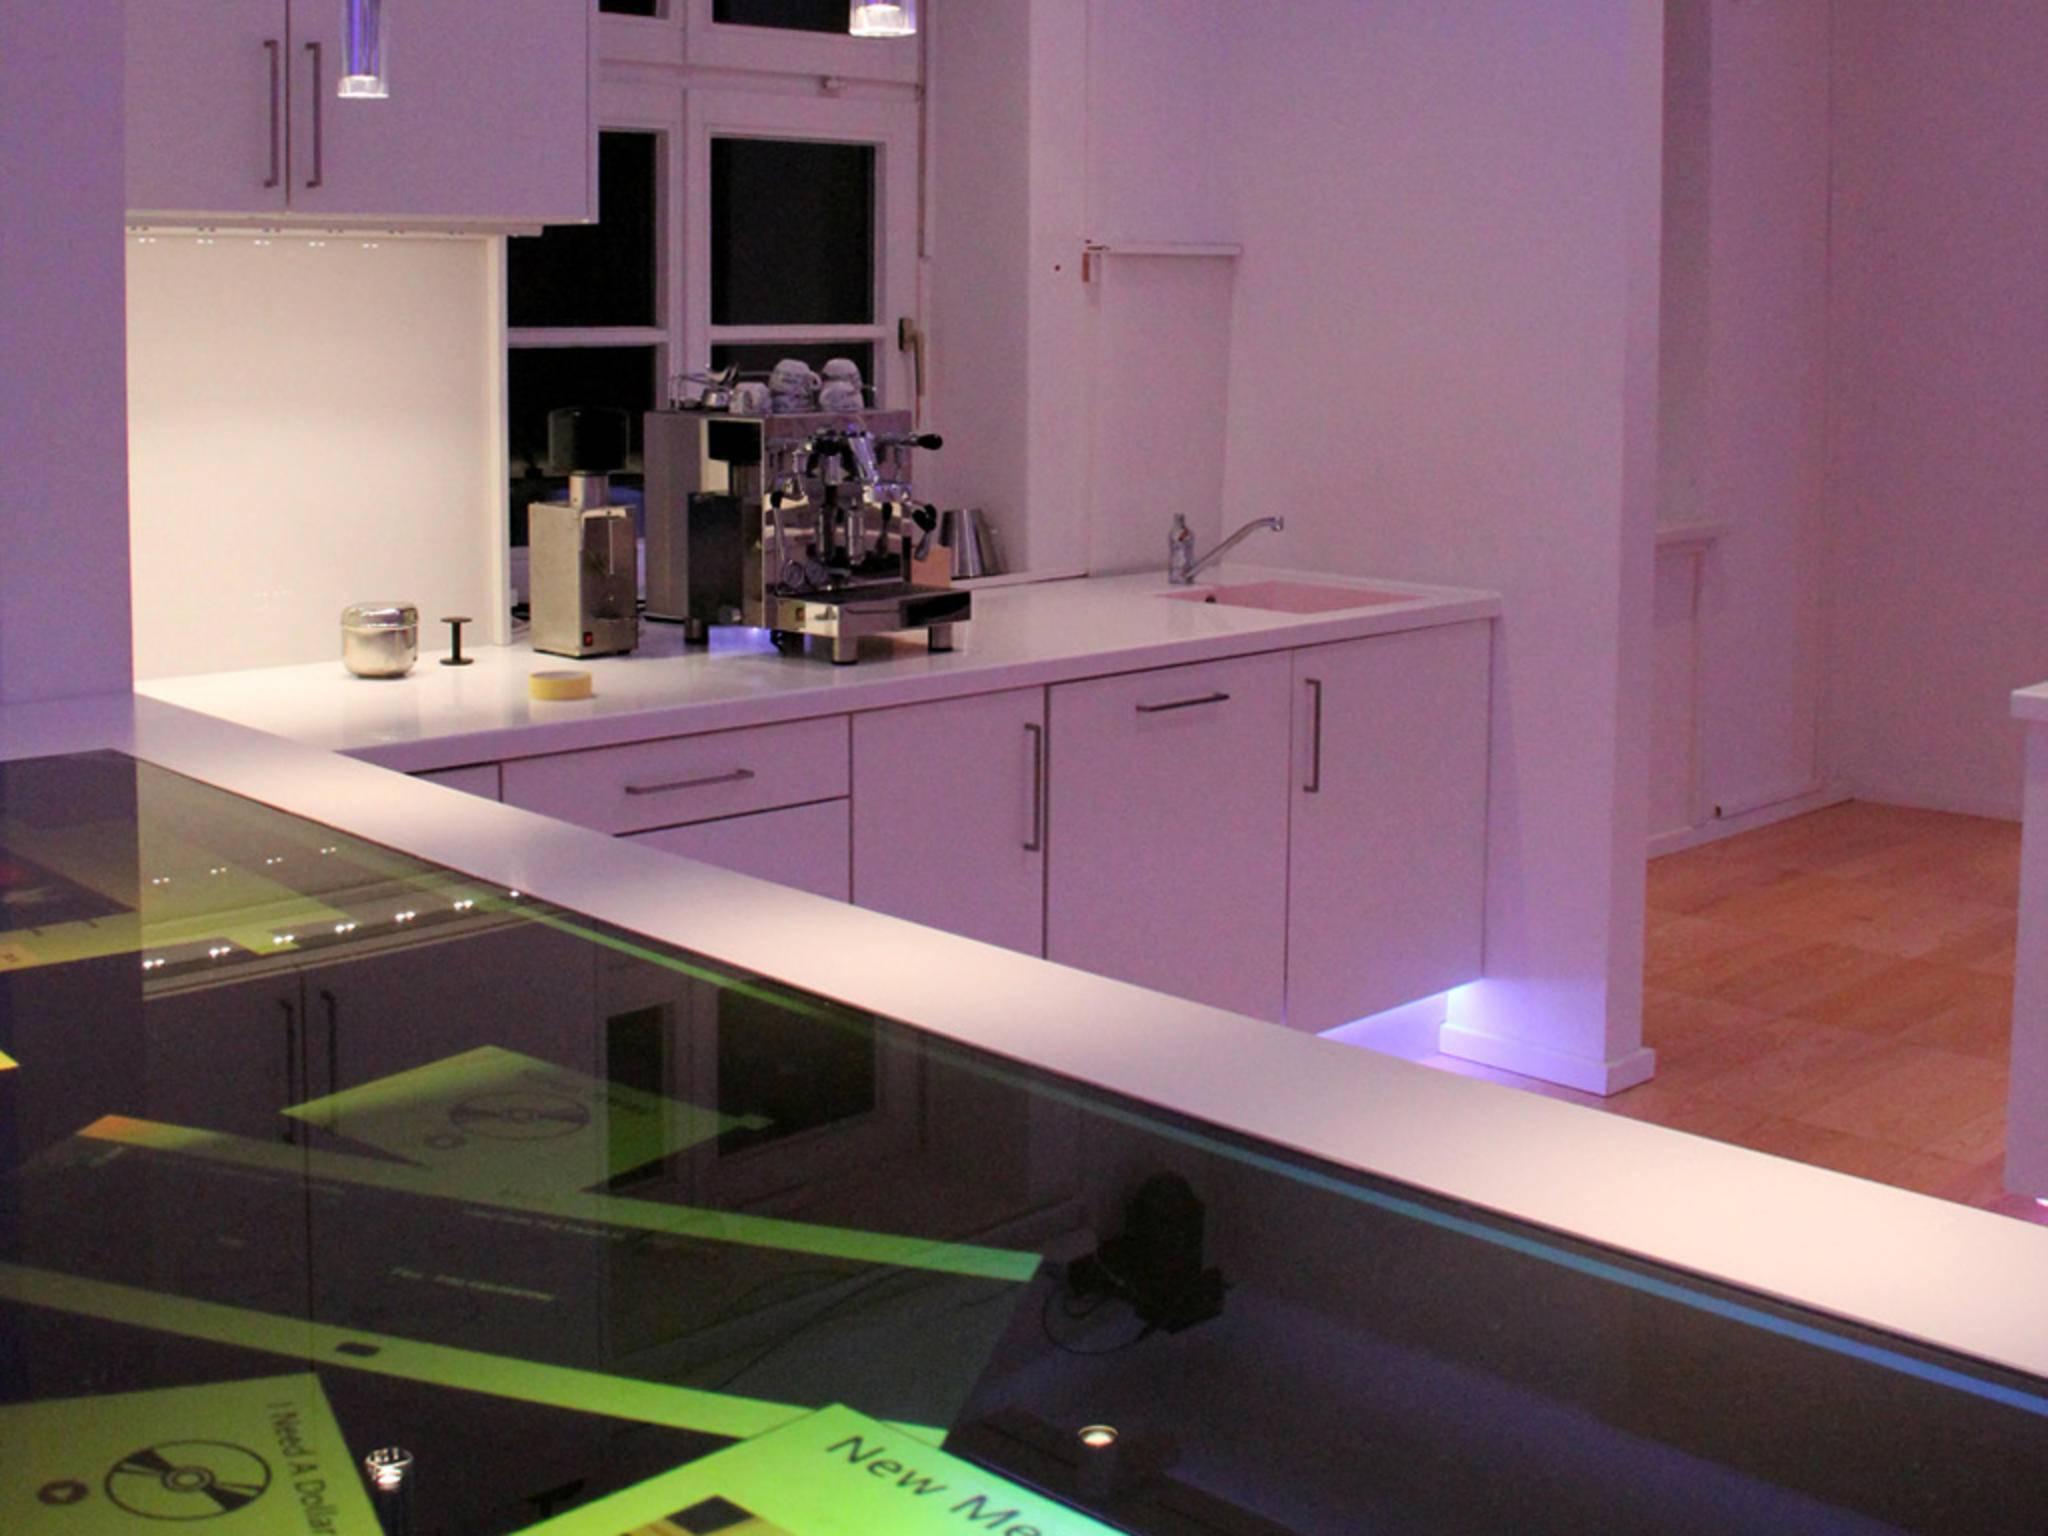 ... Lösungen fürs intelligente Wohnen etwa auch in der Küche oder ...